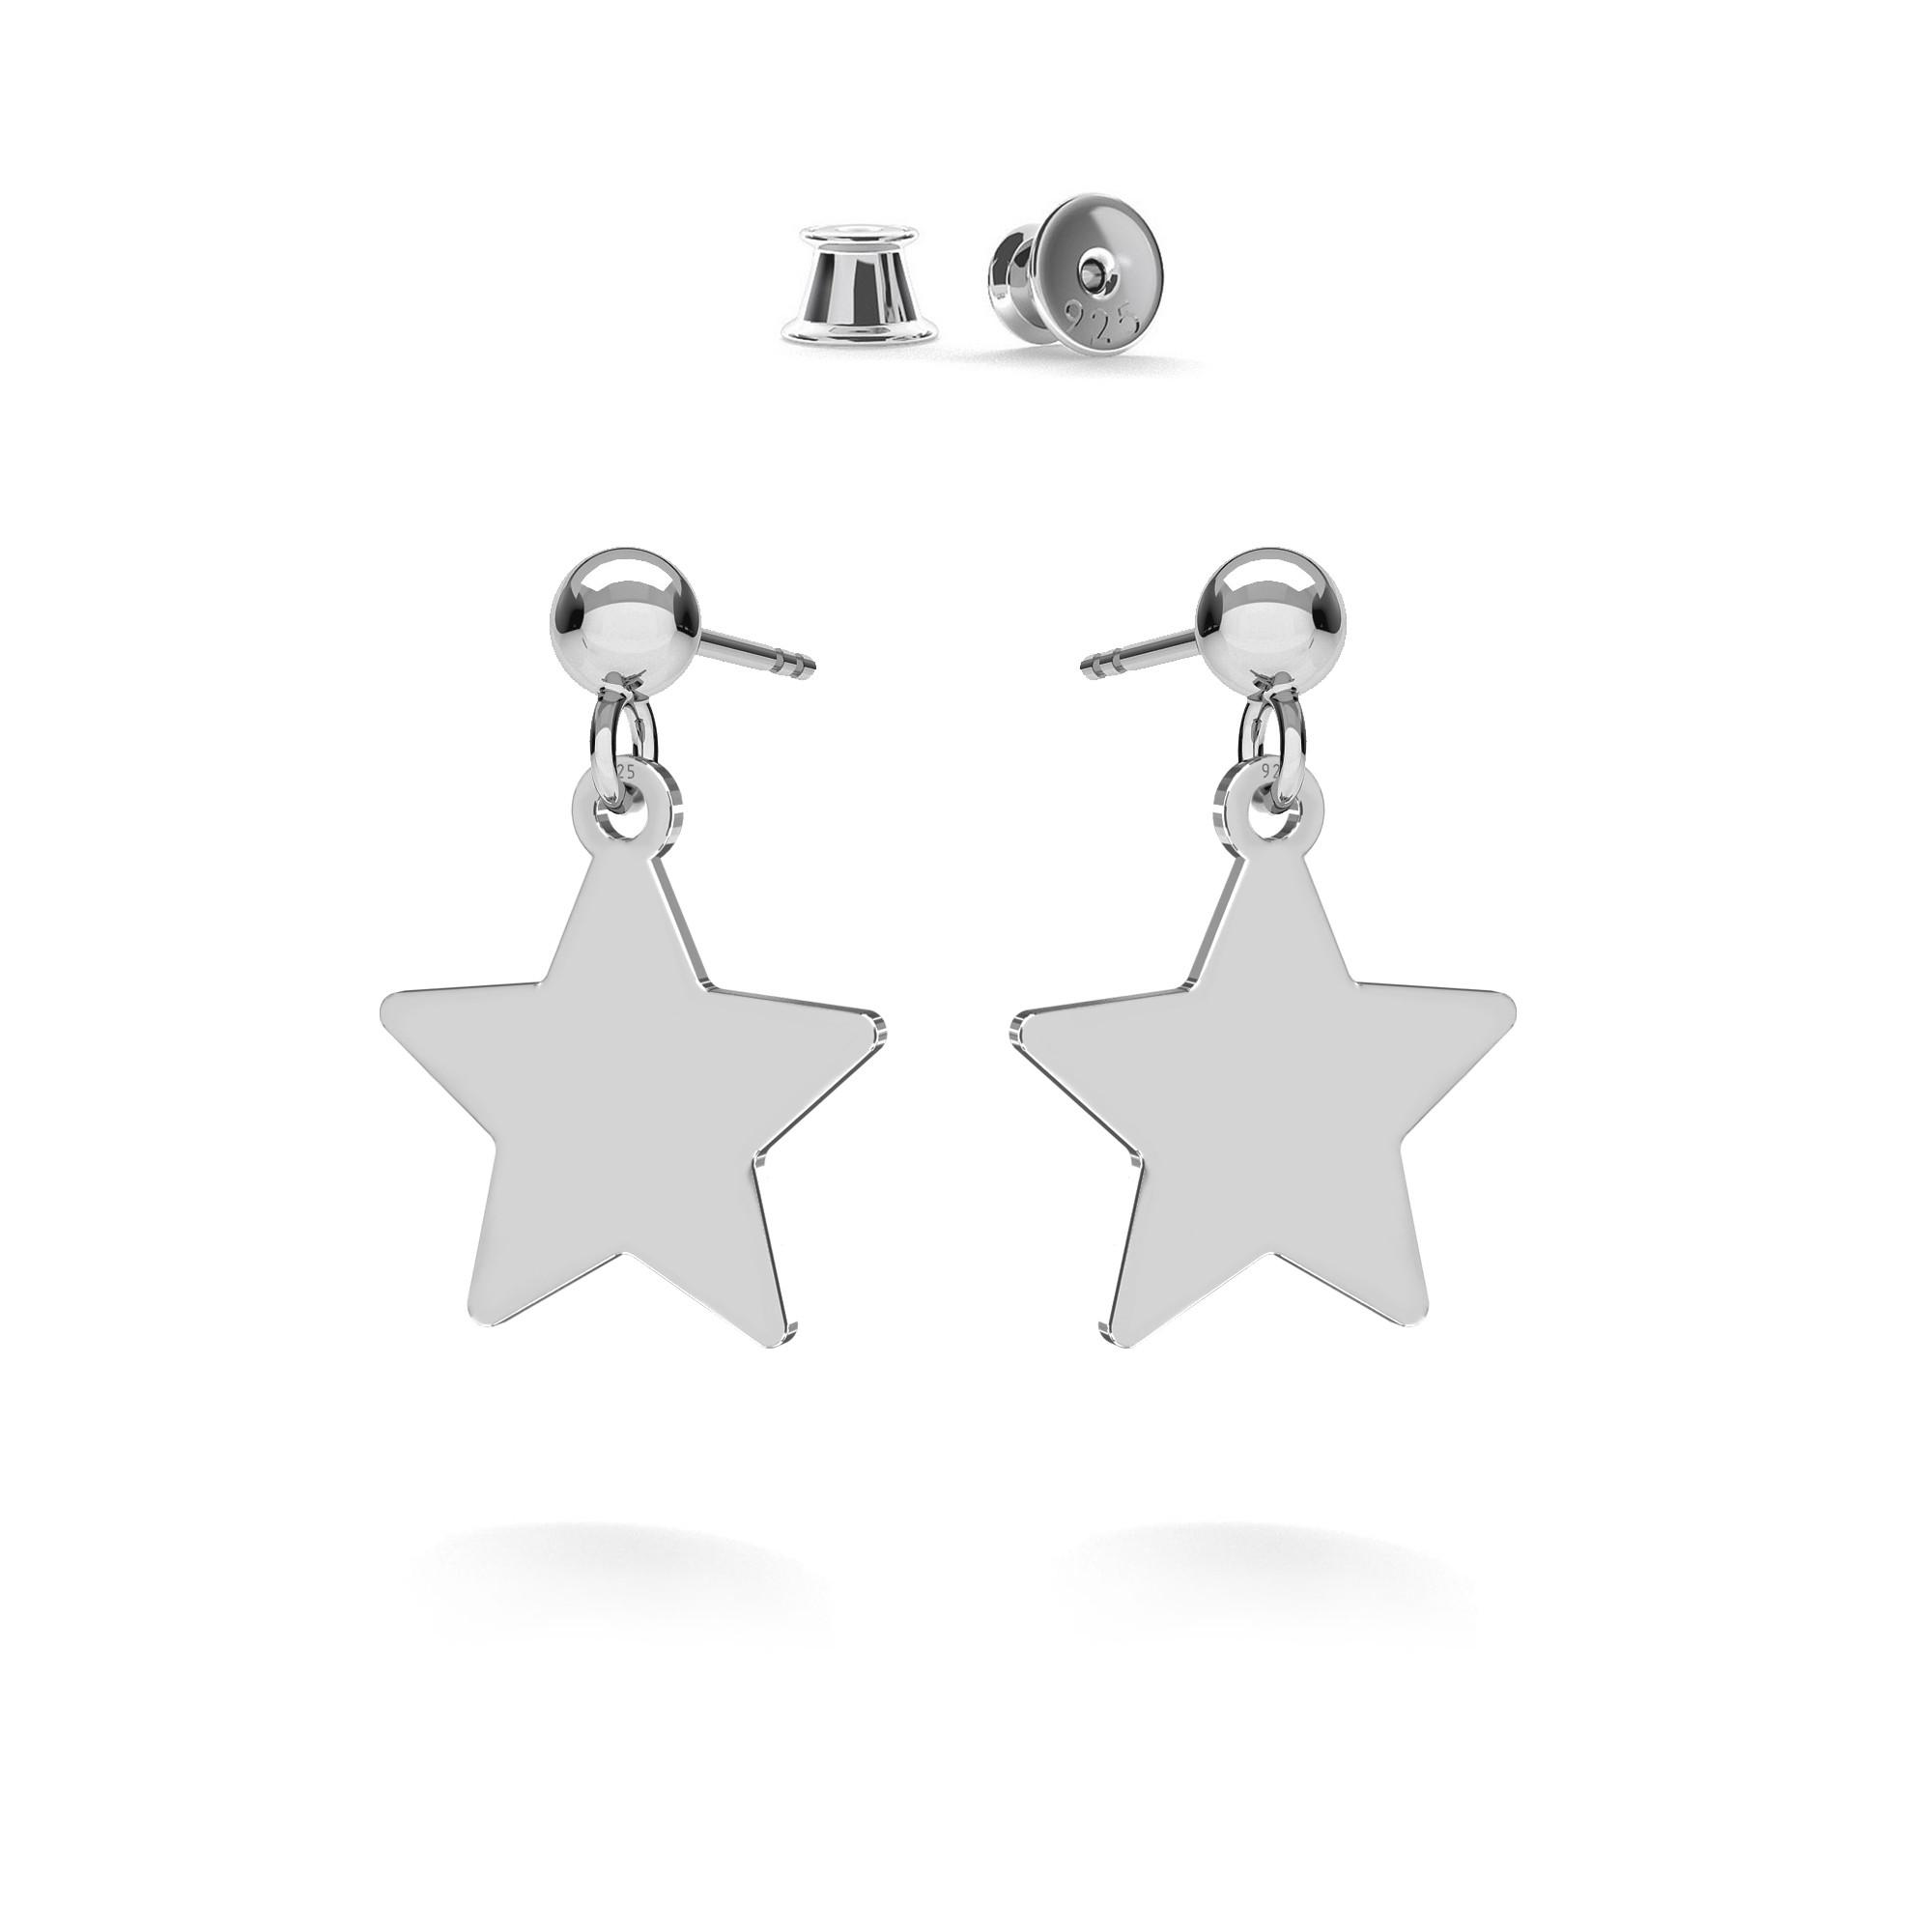 Kolczyki wiszące gwiazdki blaszki MON DÉFI, srebro 925